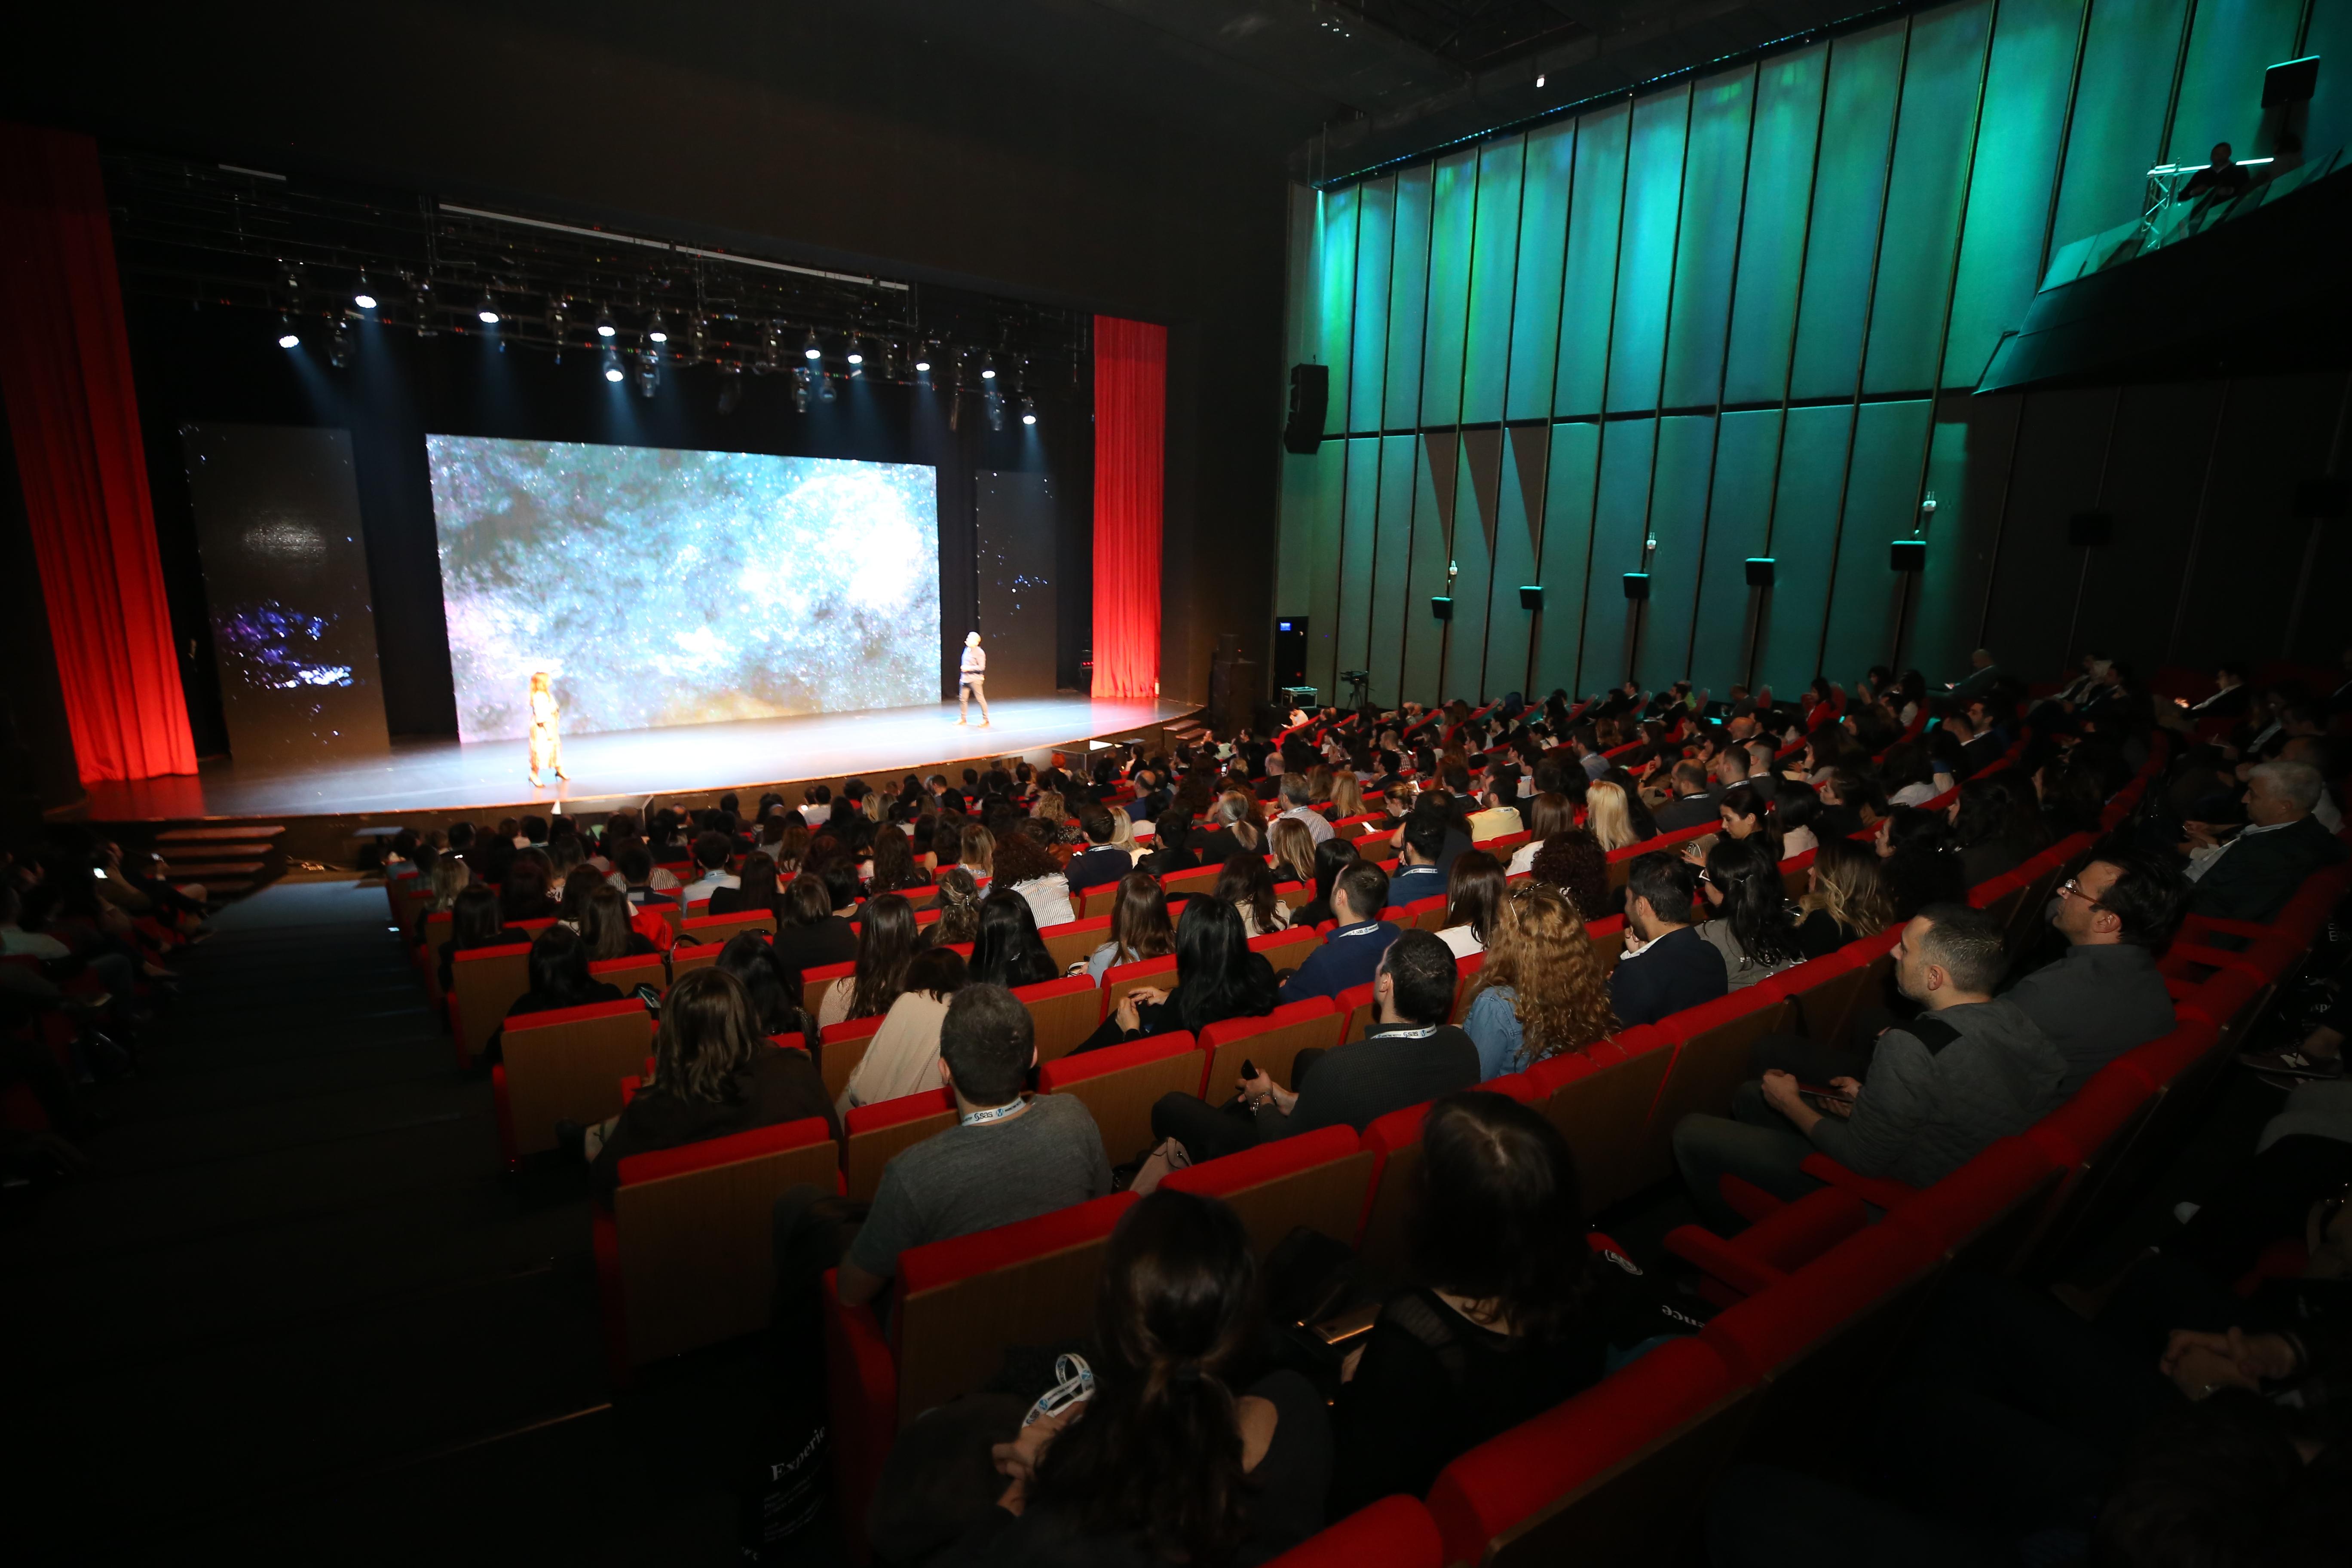 Bugün Marketing Meetup'ın Değerli Yeni Konuşmacısı Açıklanıyor!